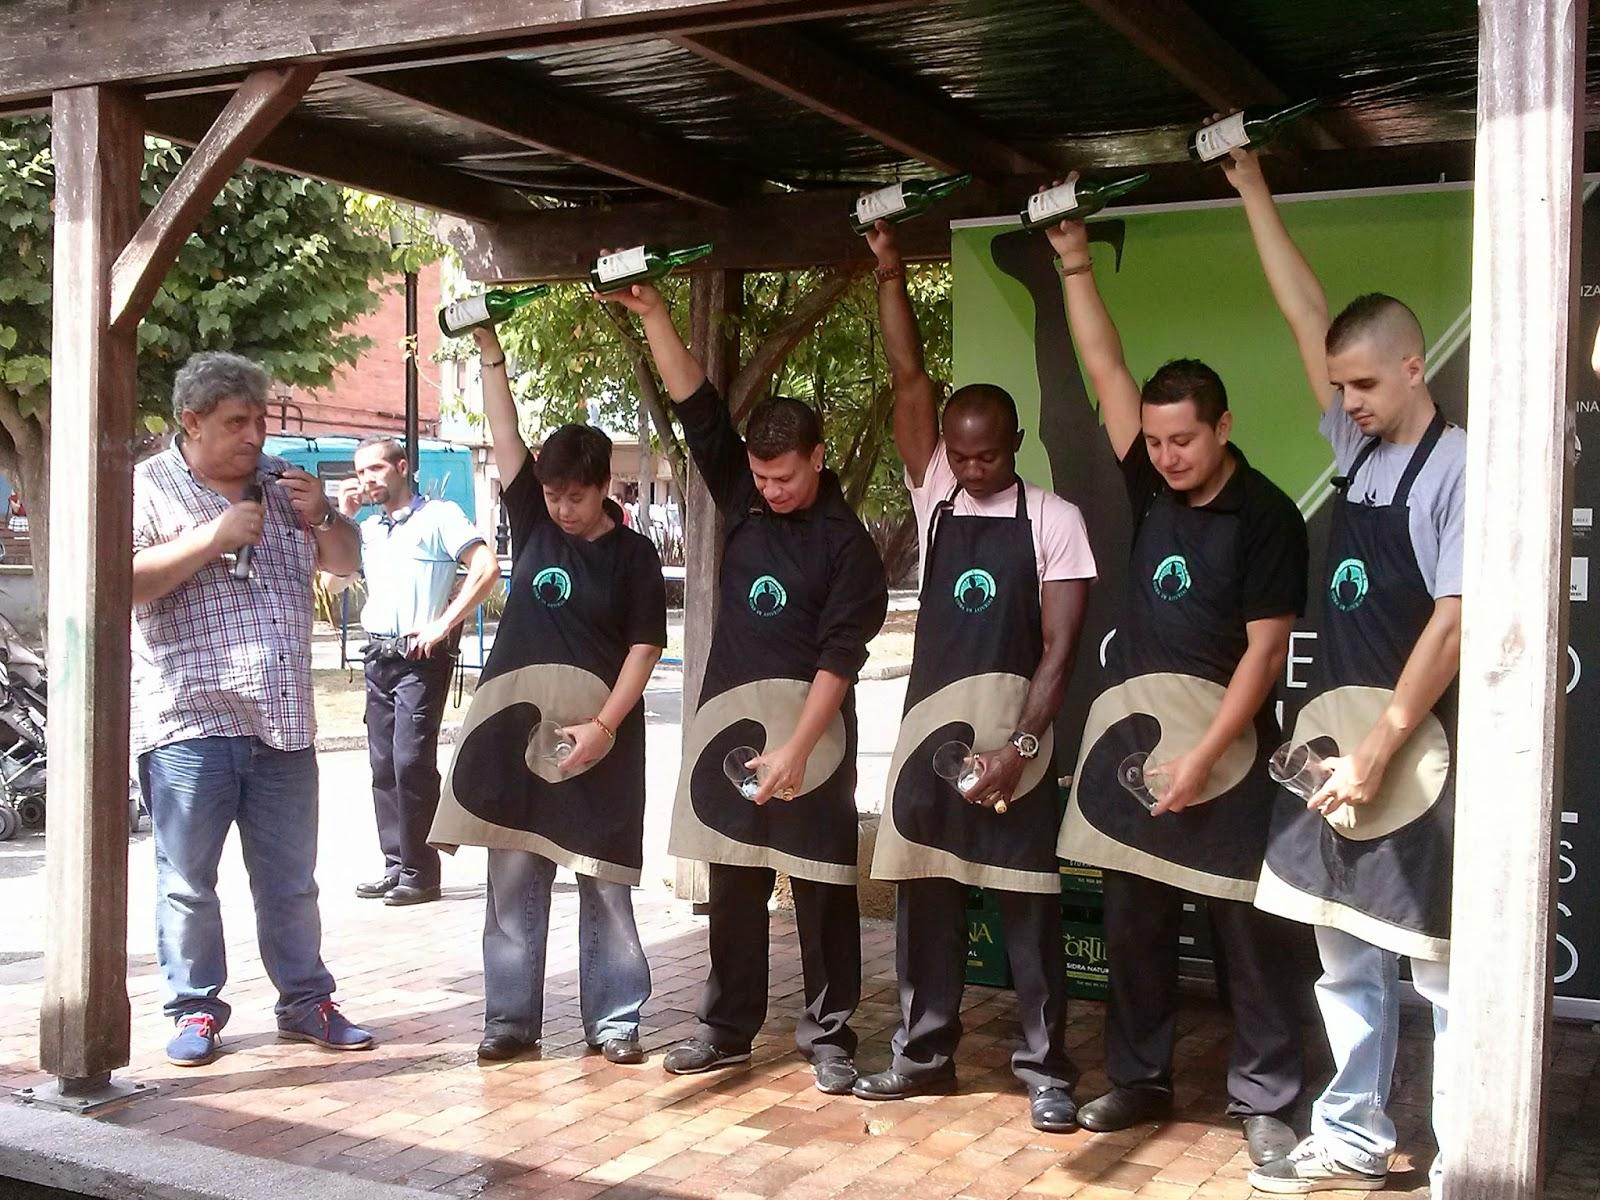 campeonato escanciadores sidra asturias candas